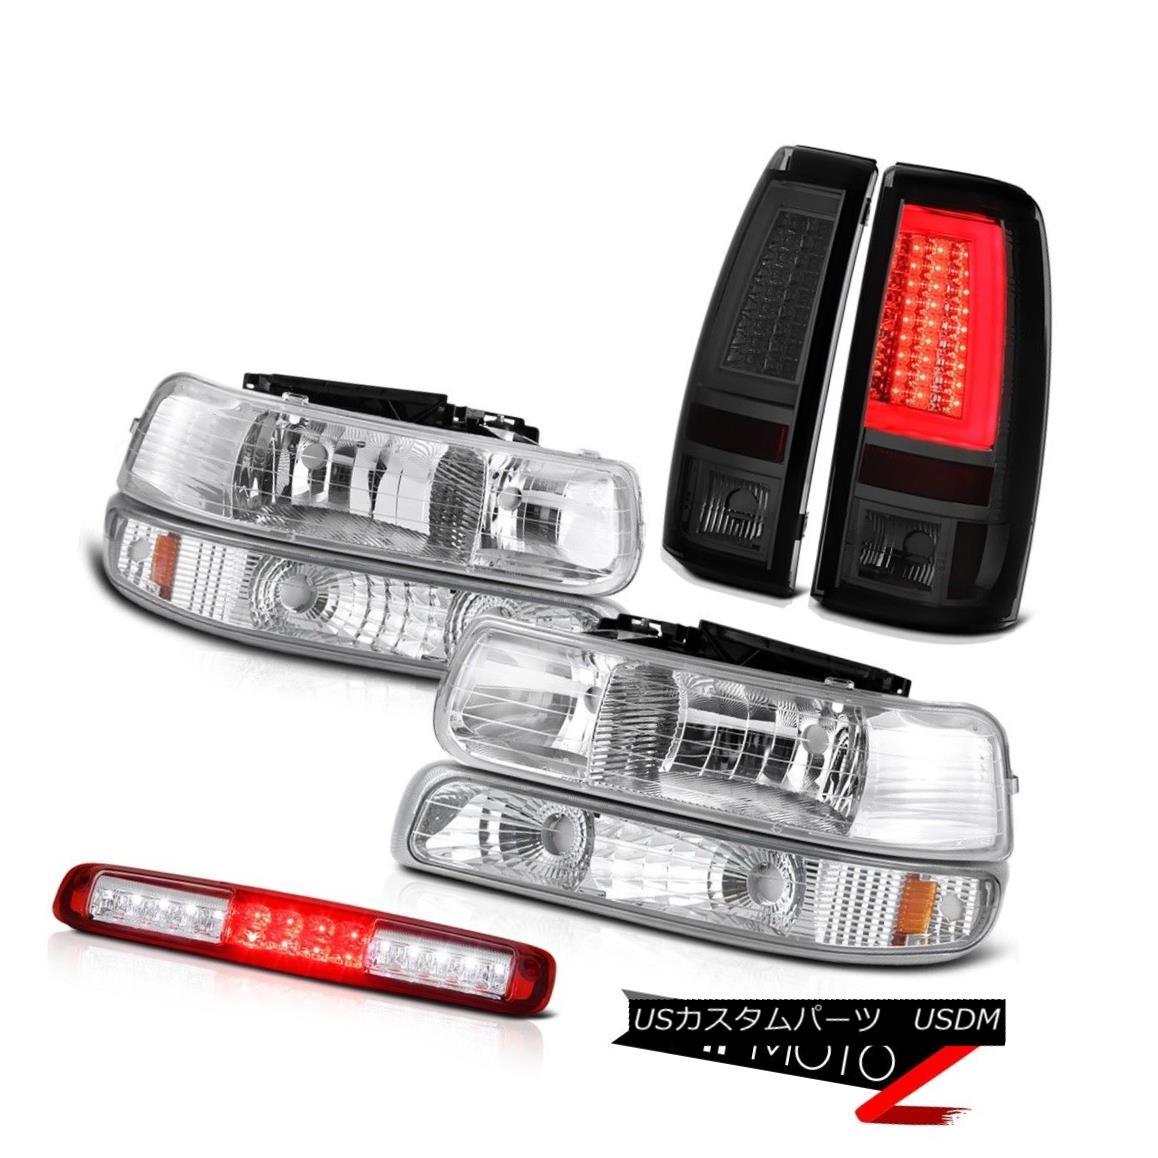 テールライト 99-02 Silverado 4WD Taillamps Headlights Bumper Lamp 3rd Brake Light Assembly 99-02 Silverado 4WDタイヤランプヘッドライトバンパーランプ第3ブレーキライトアセンブリ